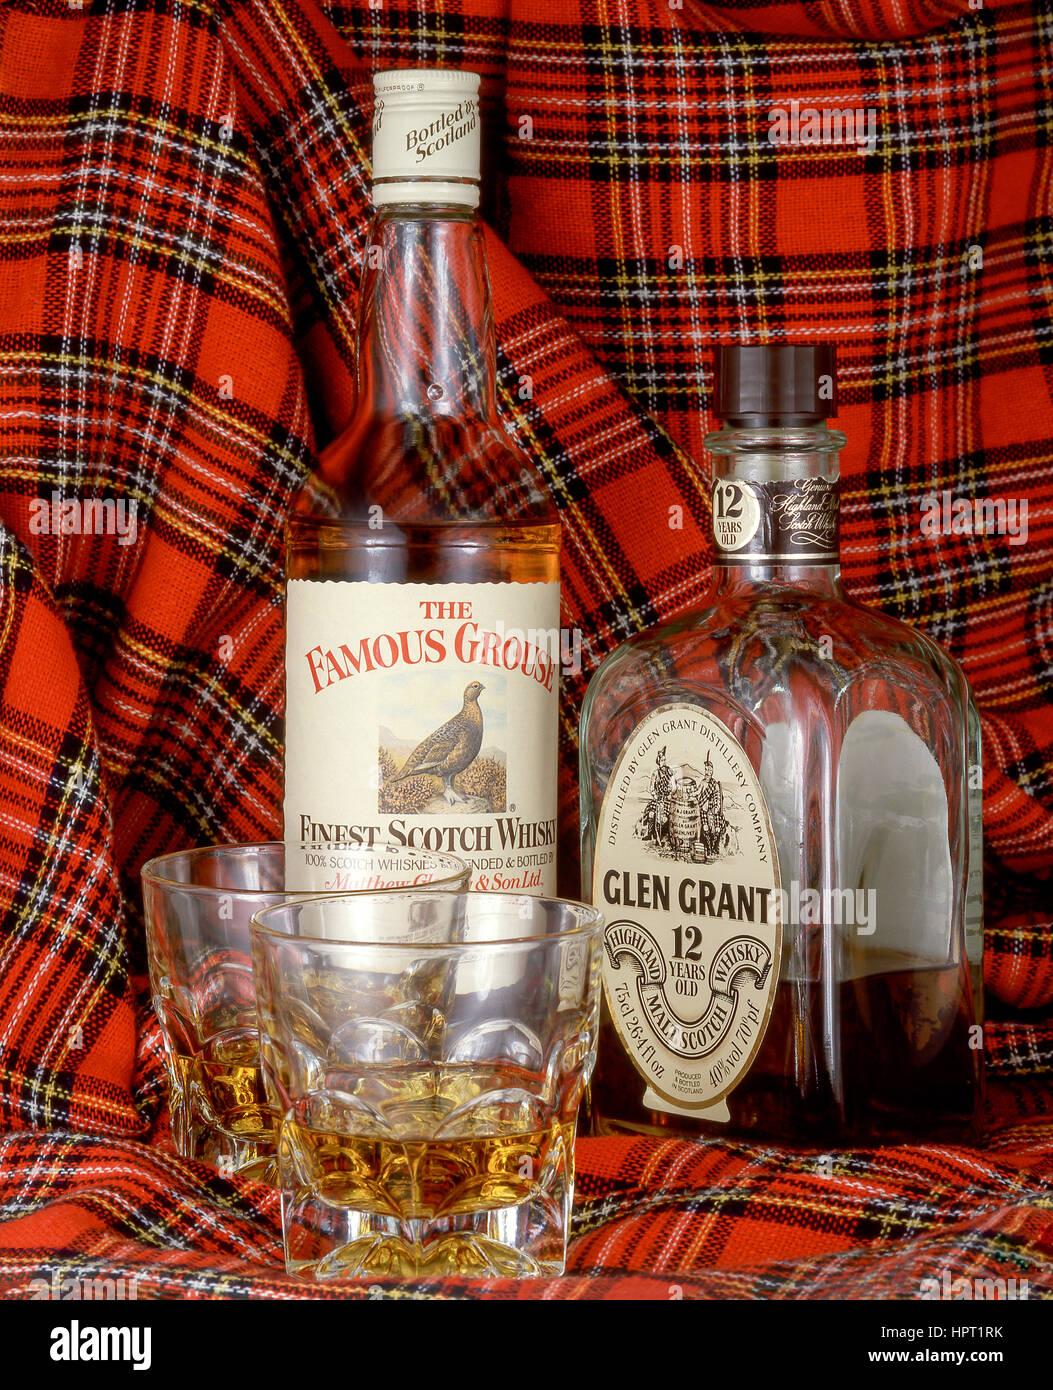 Bottles of Scottish whisky with glasses, Inverness, Scottish Highlands, Scotland, United Kingdom - Stock Image